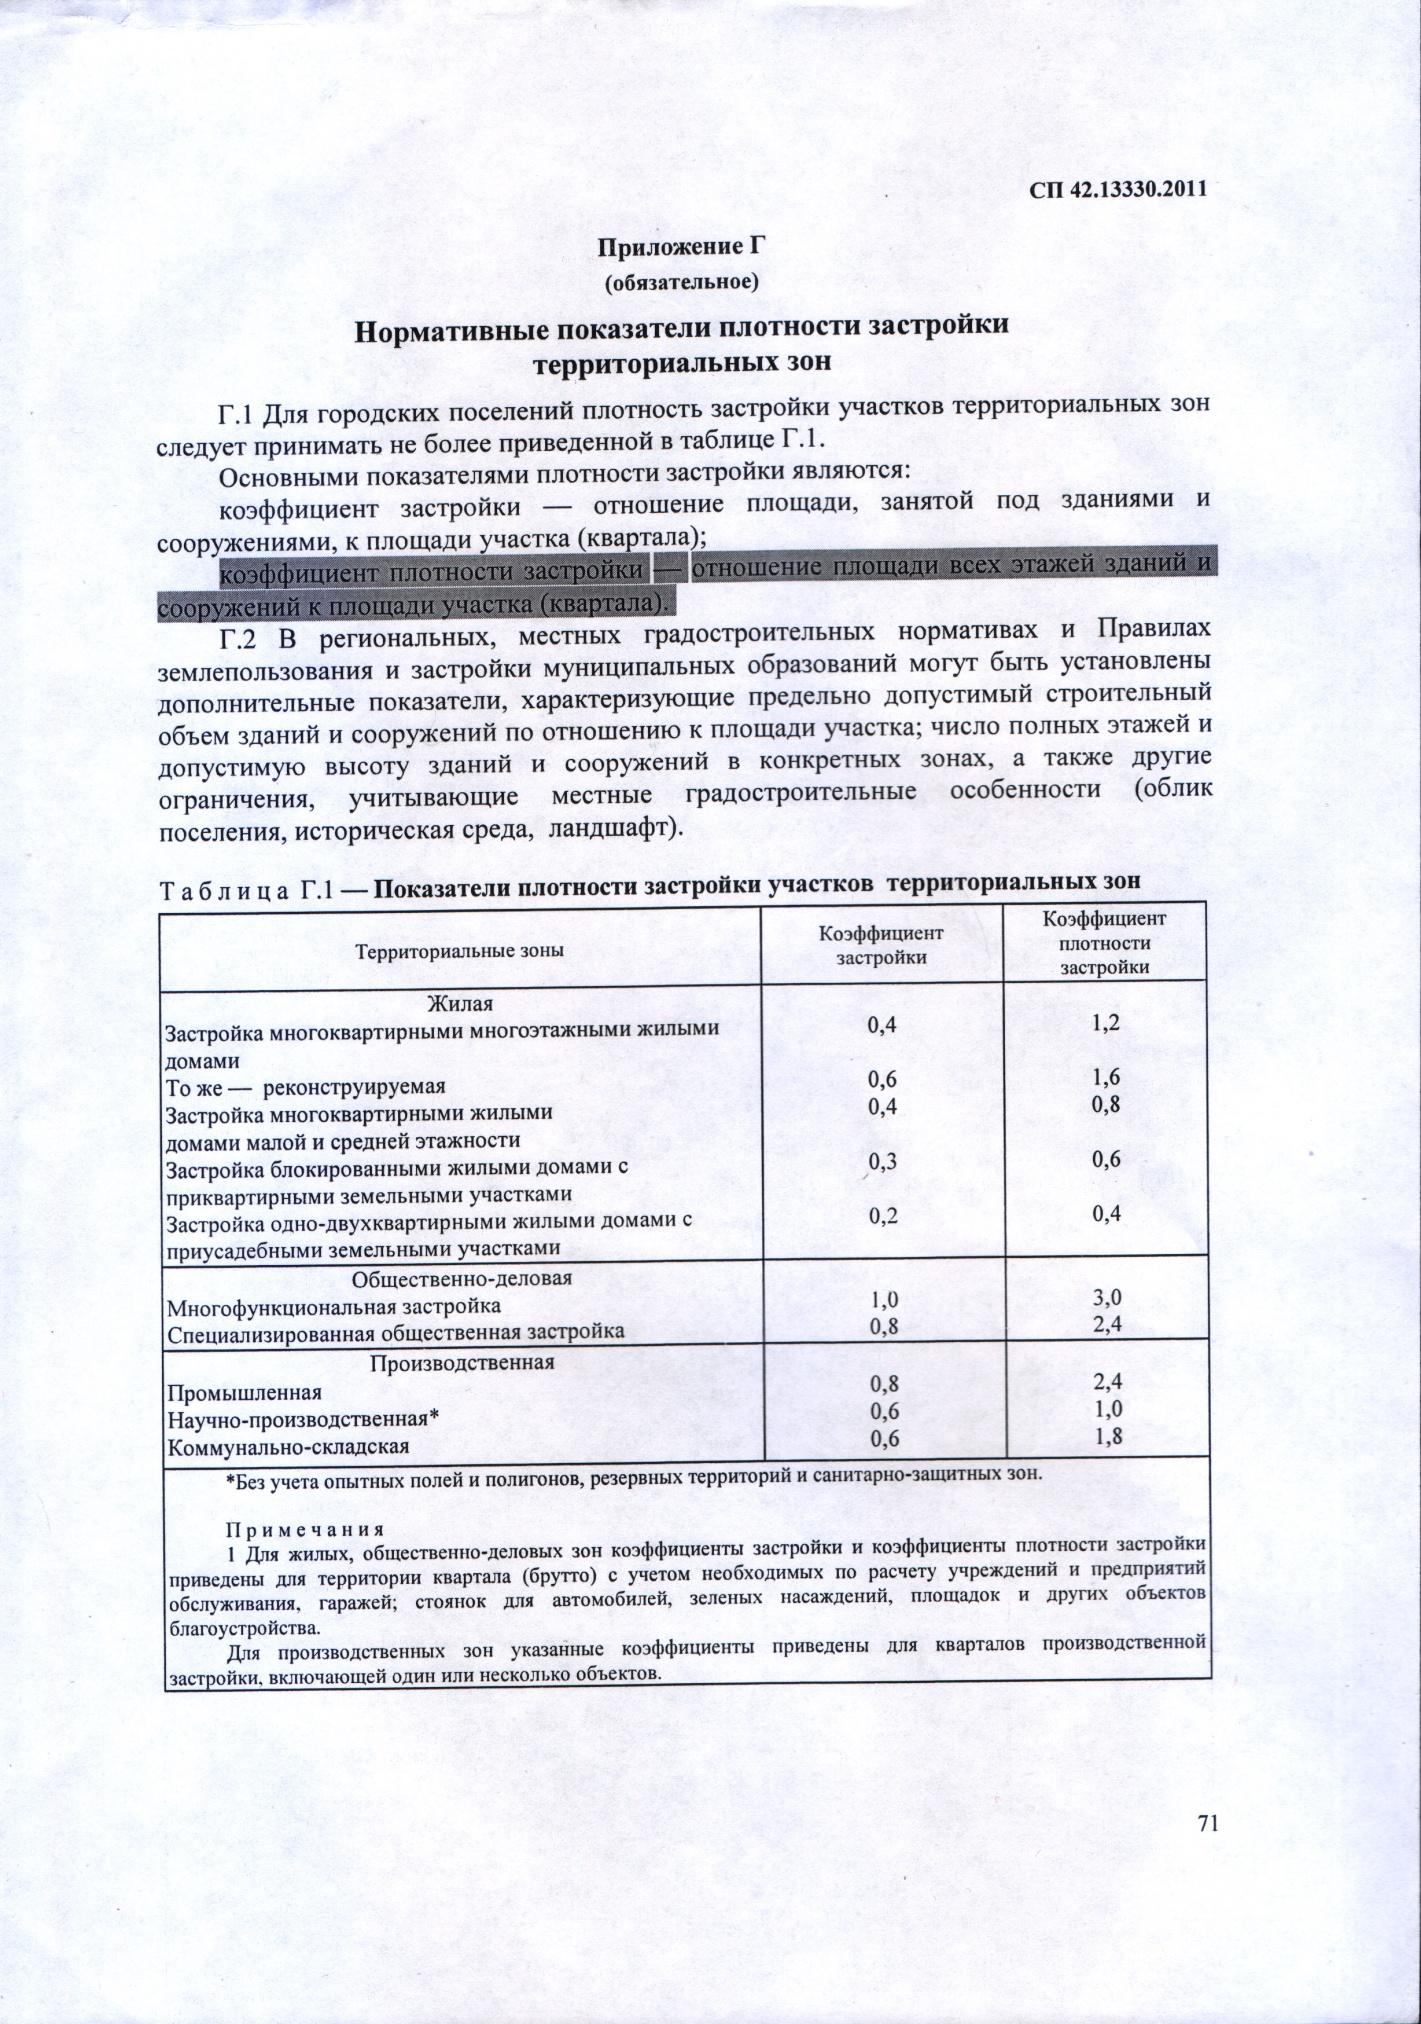 Во Владимире изменятся правила застройки?